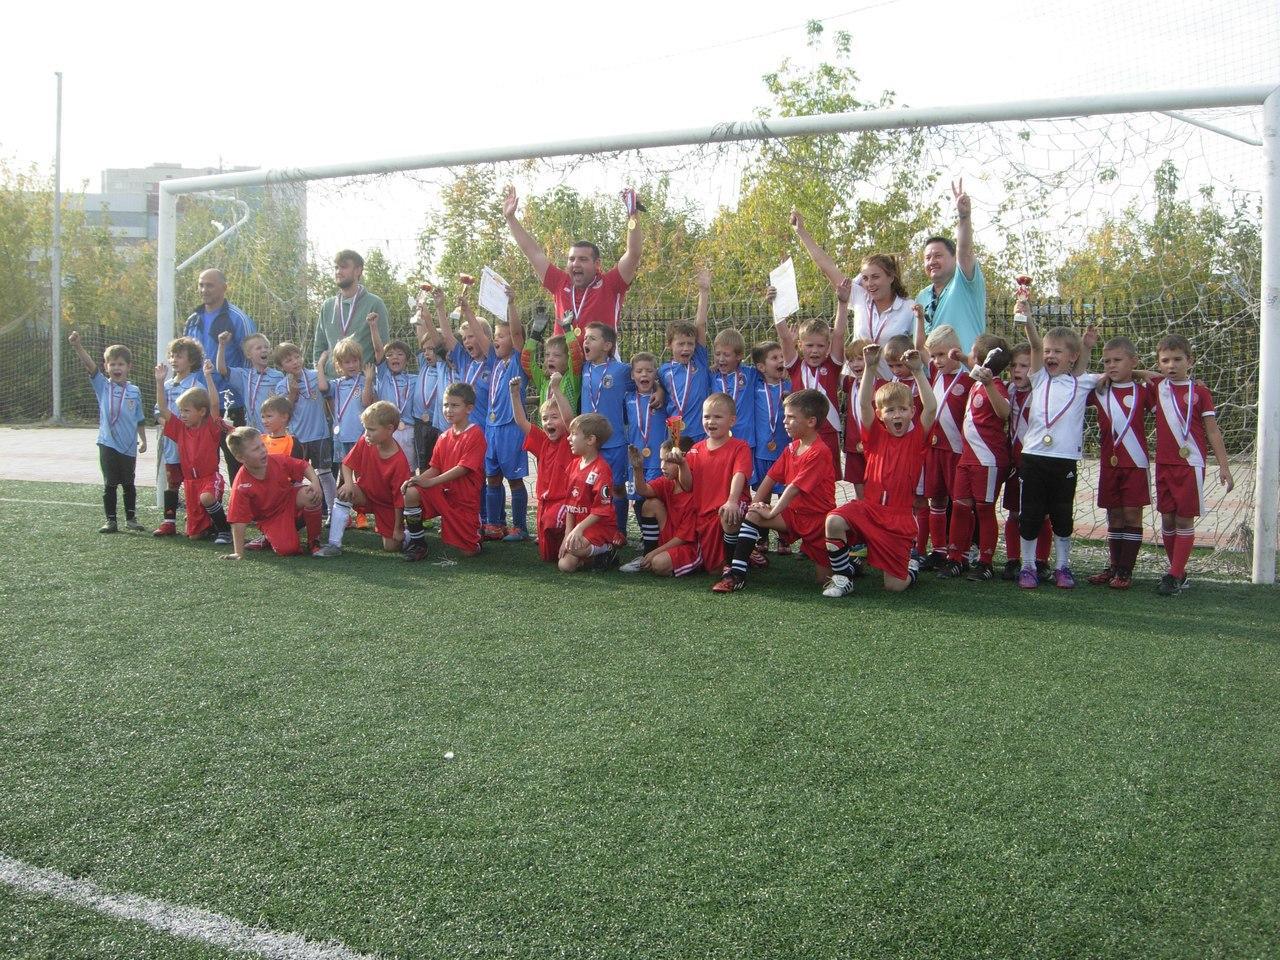 Приглашаем принять участие в турнире по футболу «Весенний Кубок Подольска-2018» среди детских команд 2008 г.р.